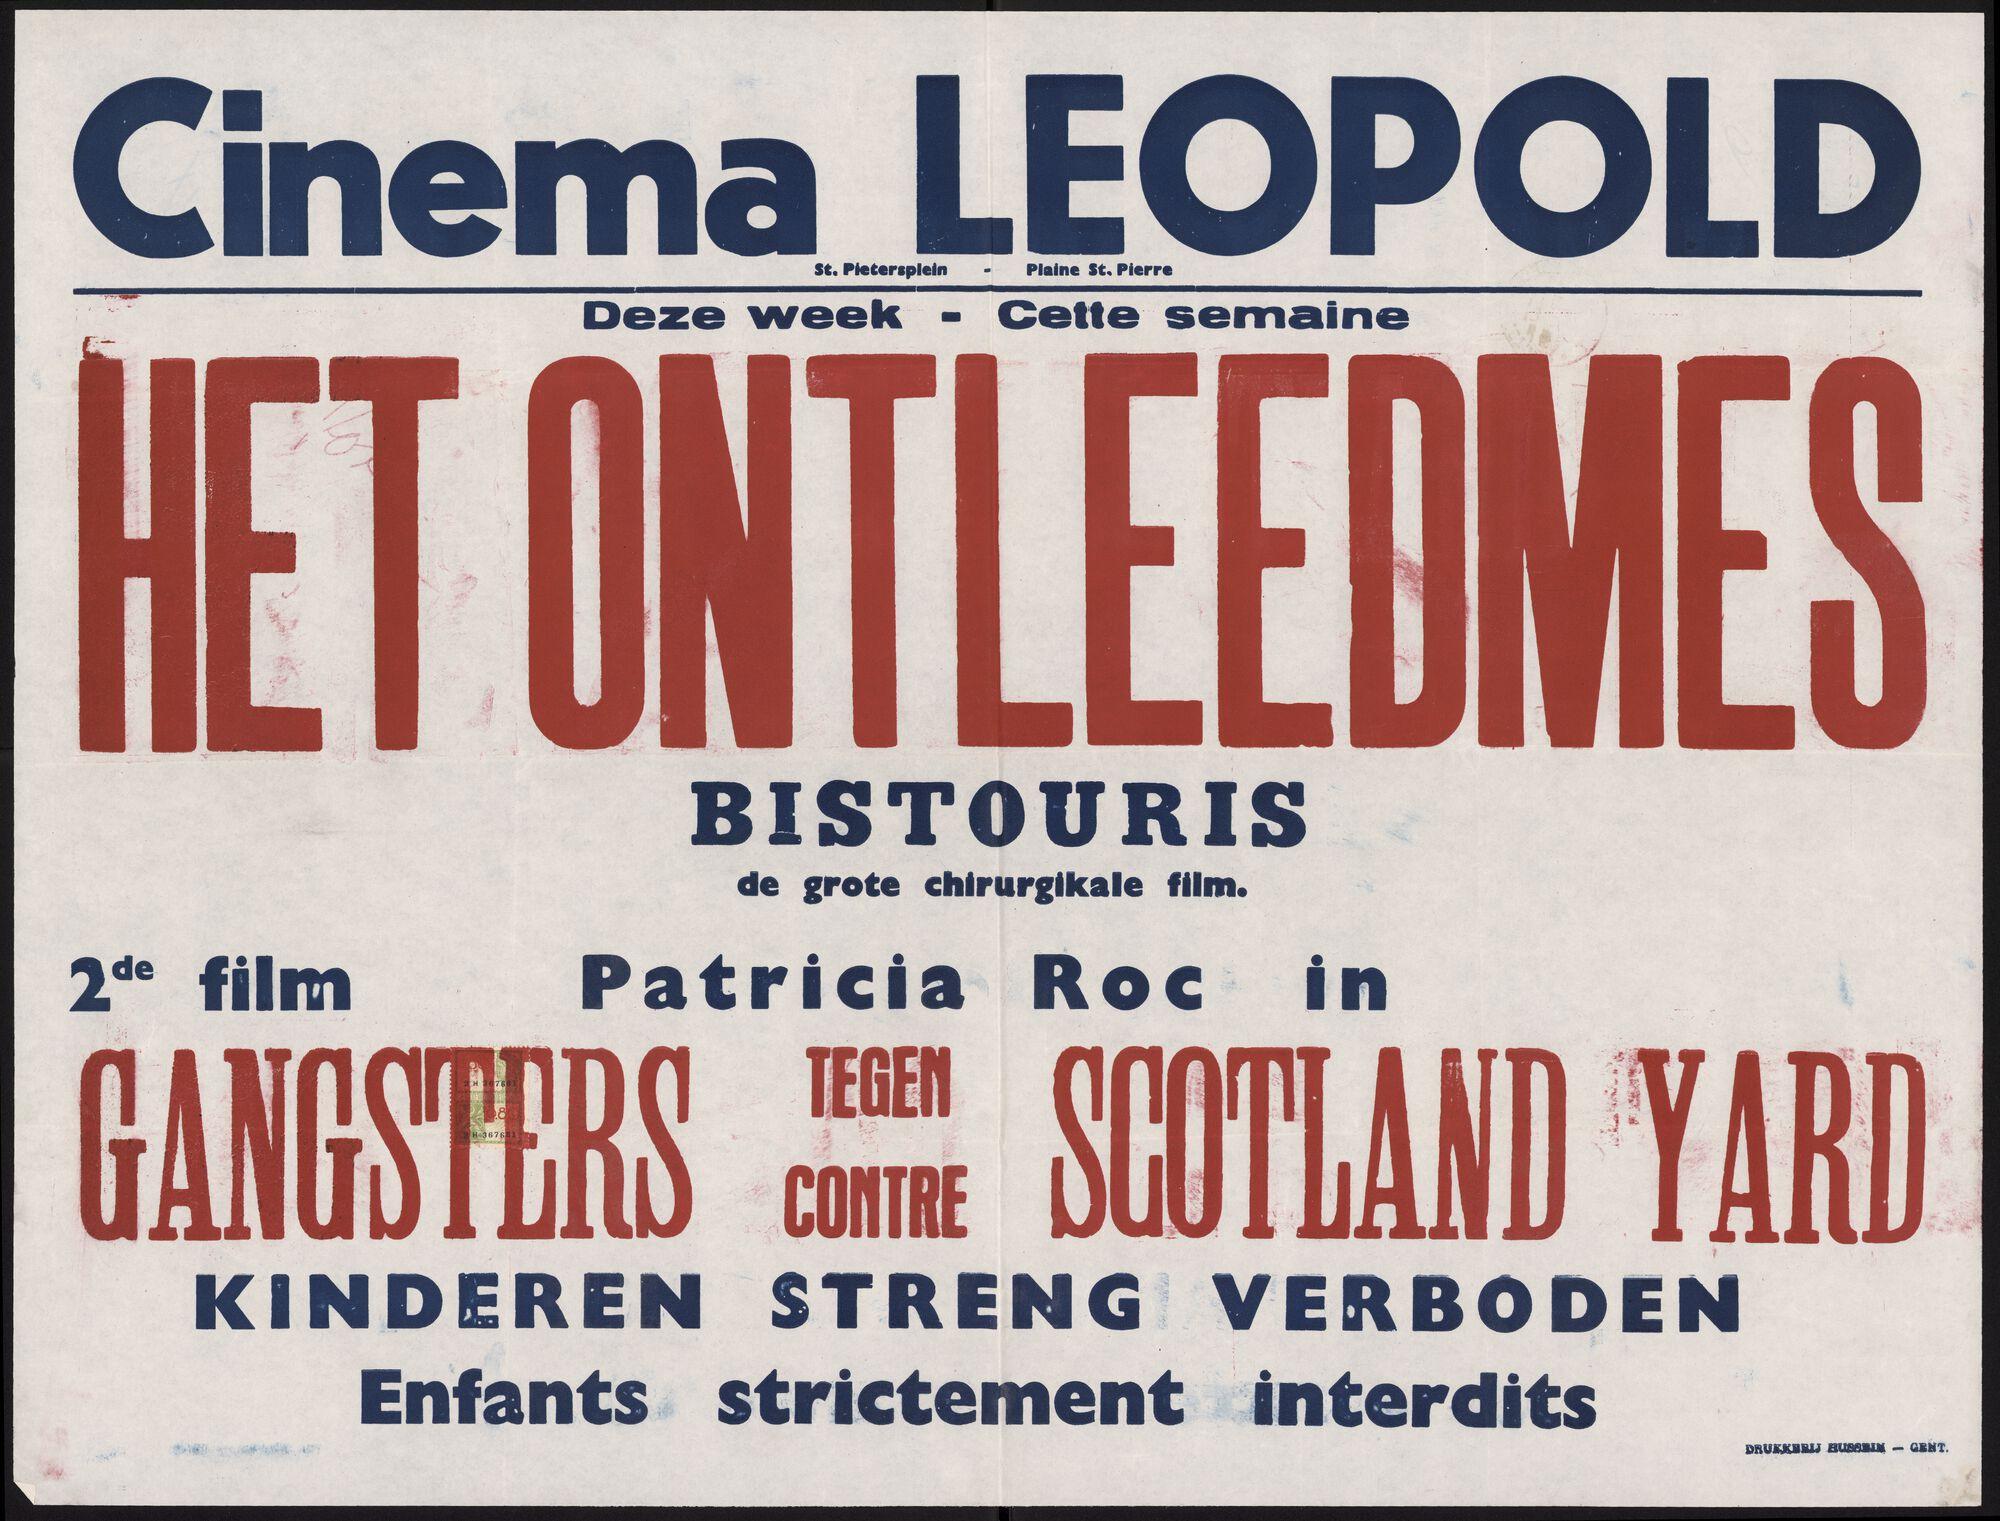 Het ontleedmes (film 1), Gangsters tegen Scotland Yard (film 2), Cinema Leopold, Gent, november 1948